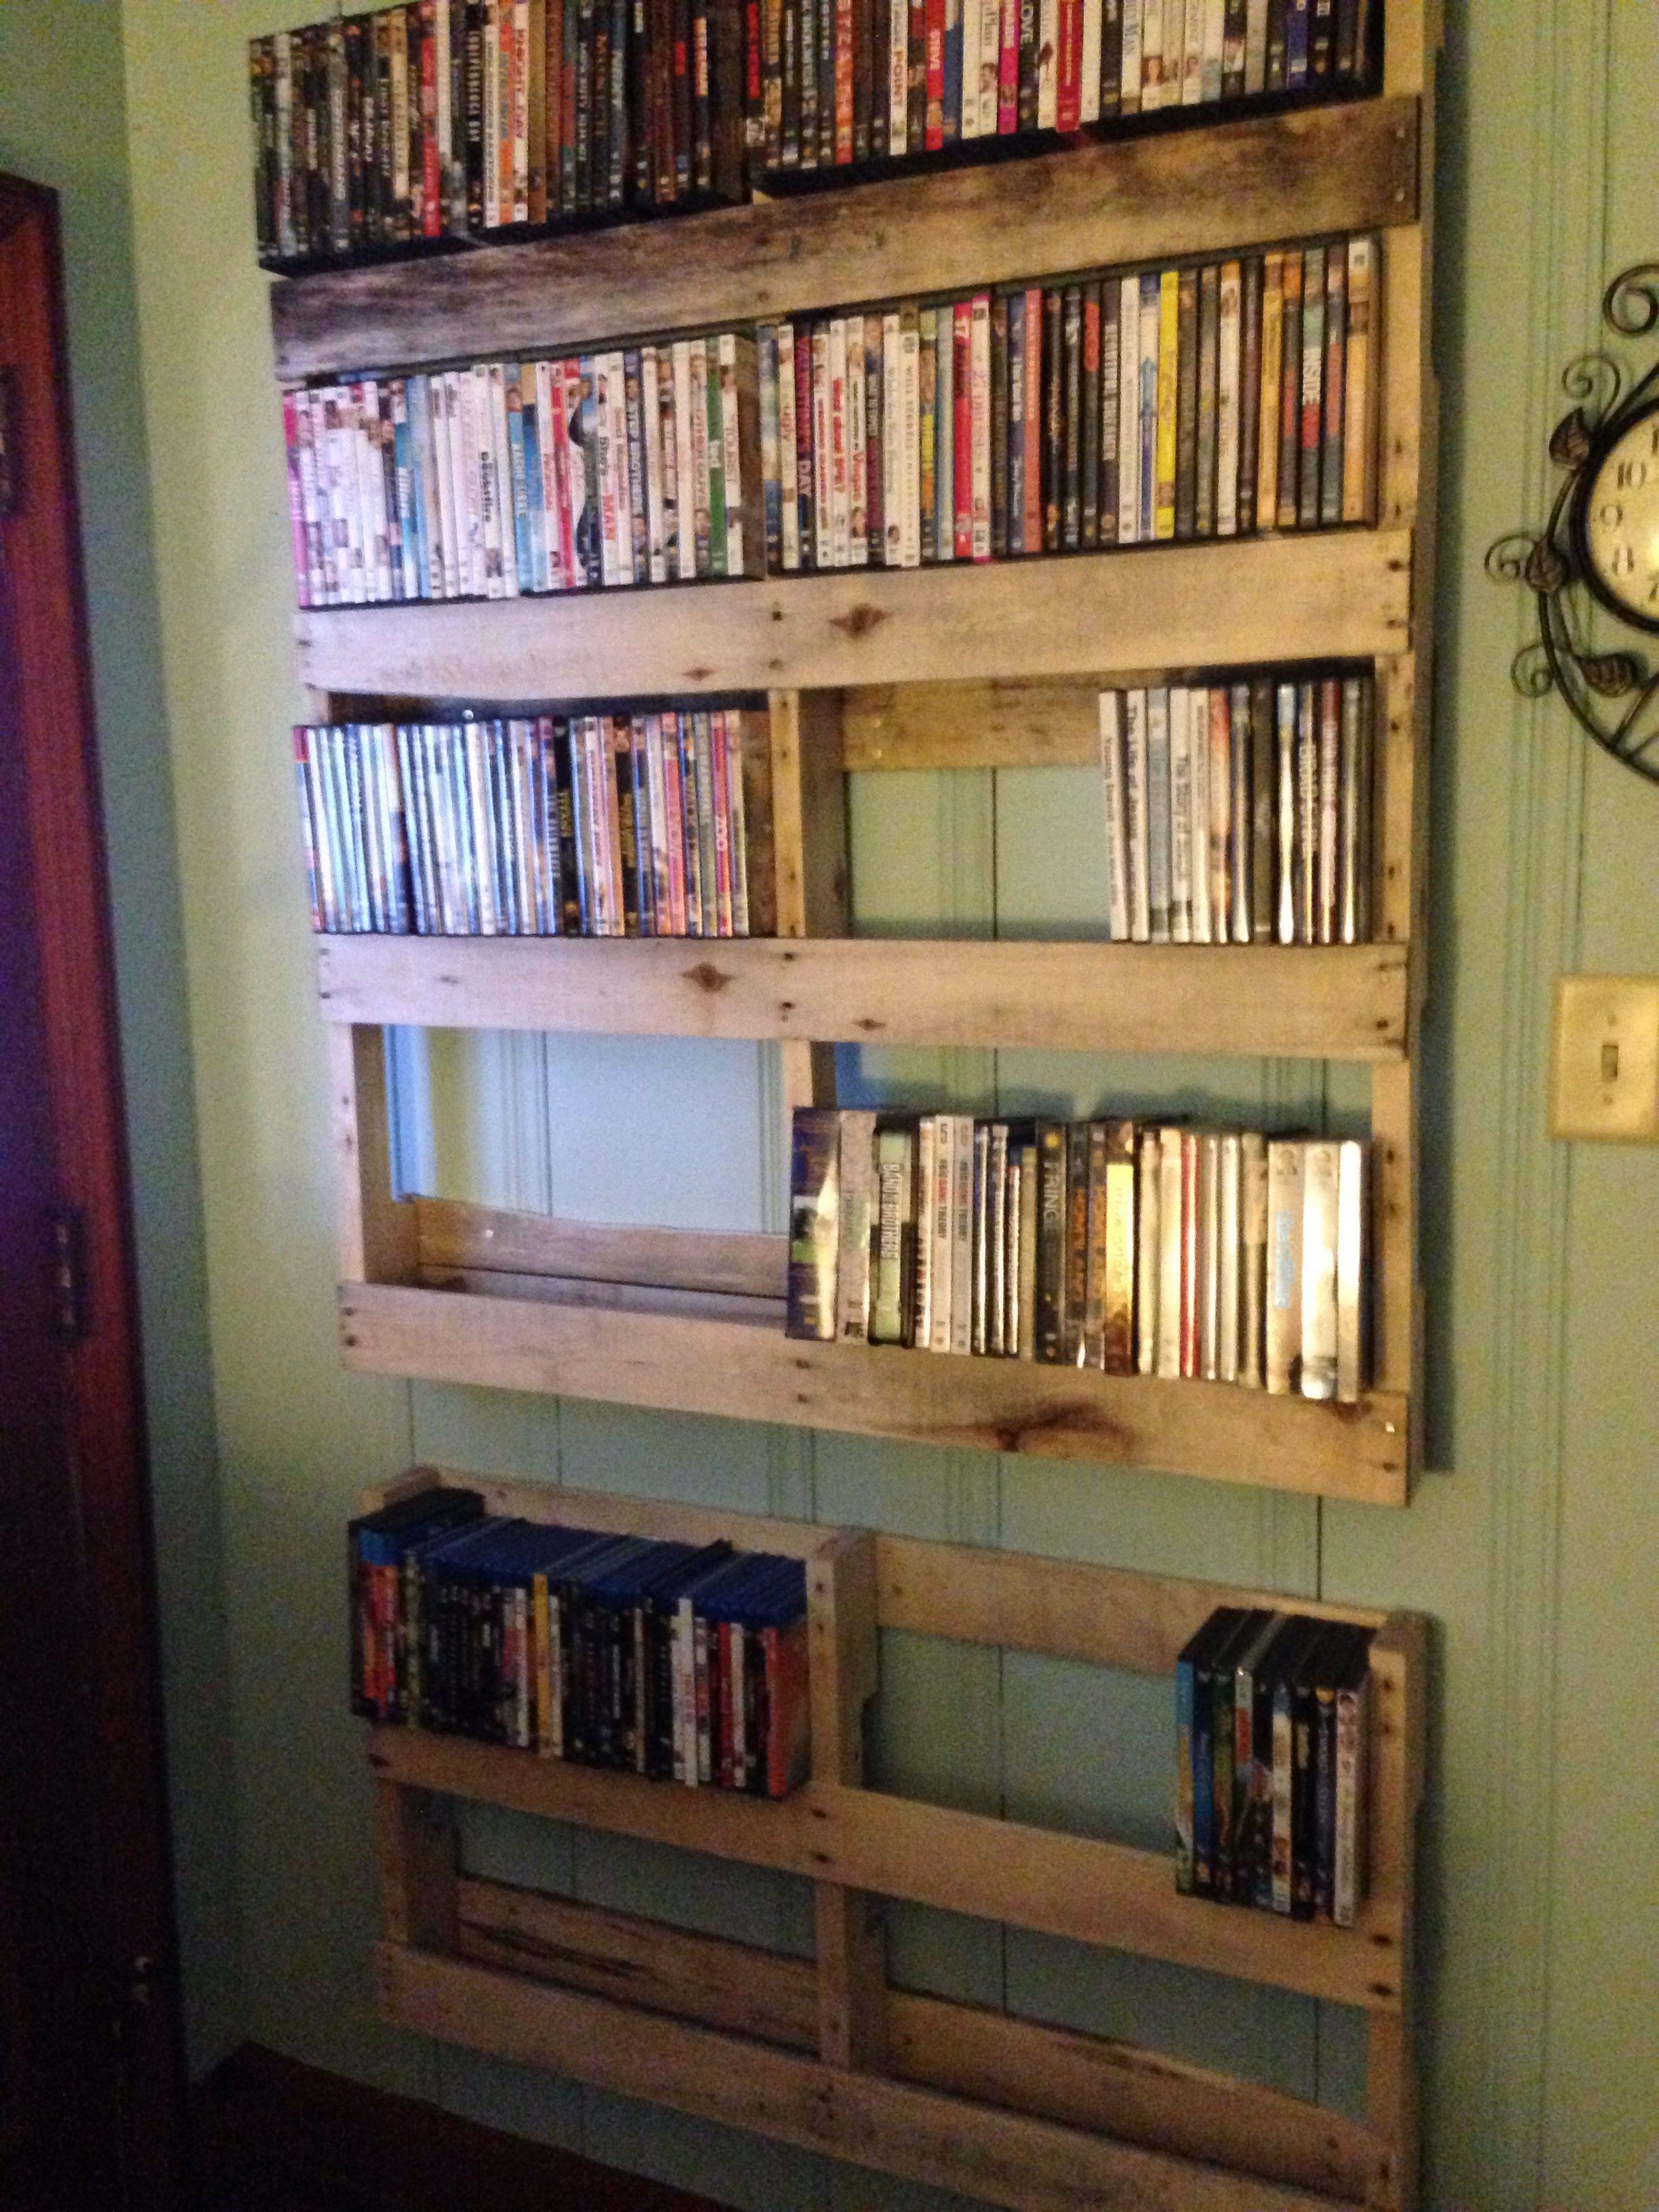 DVD Pallet Shelf Idea (no Video Found)